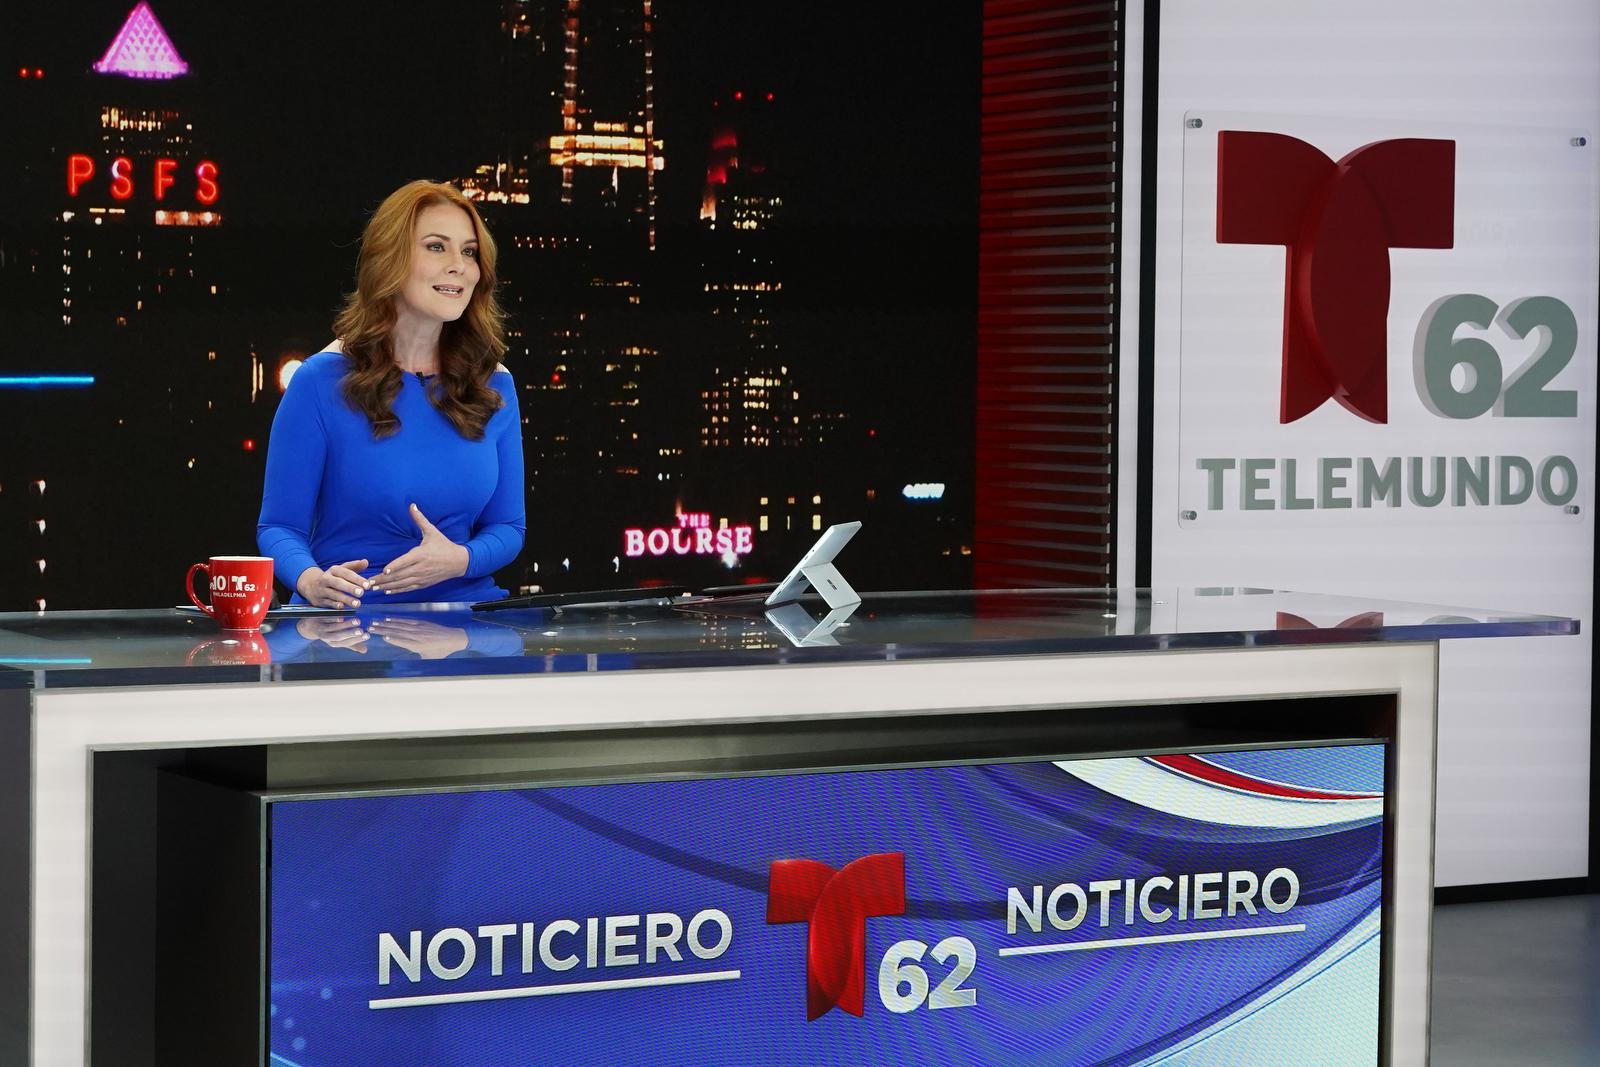 NCS_Telemundo-62-Noticiero-Philadelphia-0003